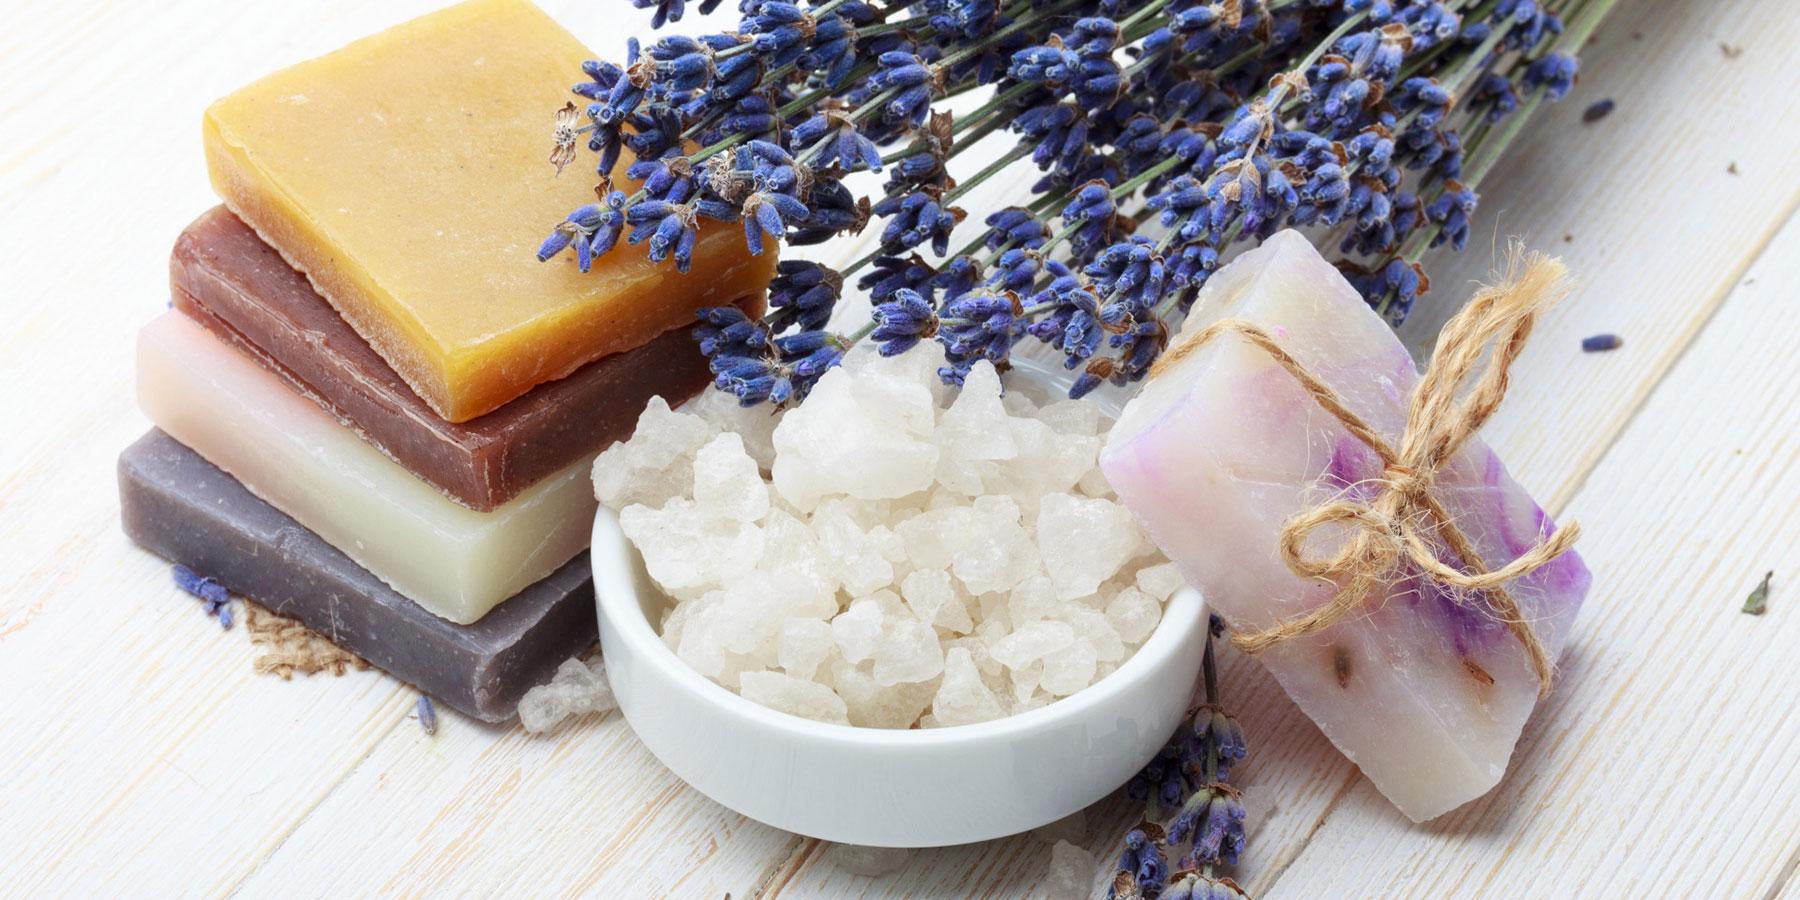 Имитация моря в домашних условиях: выбираем соль для ванны